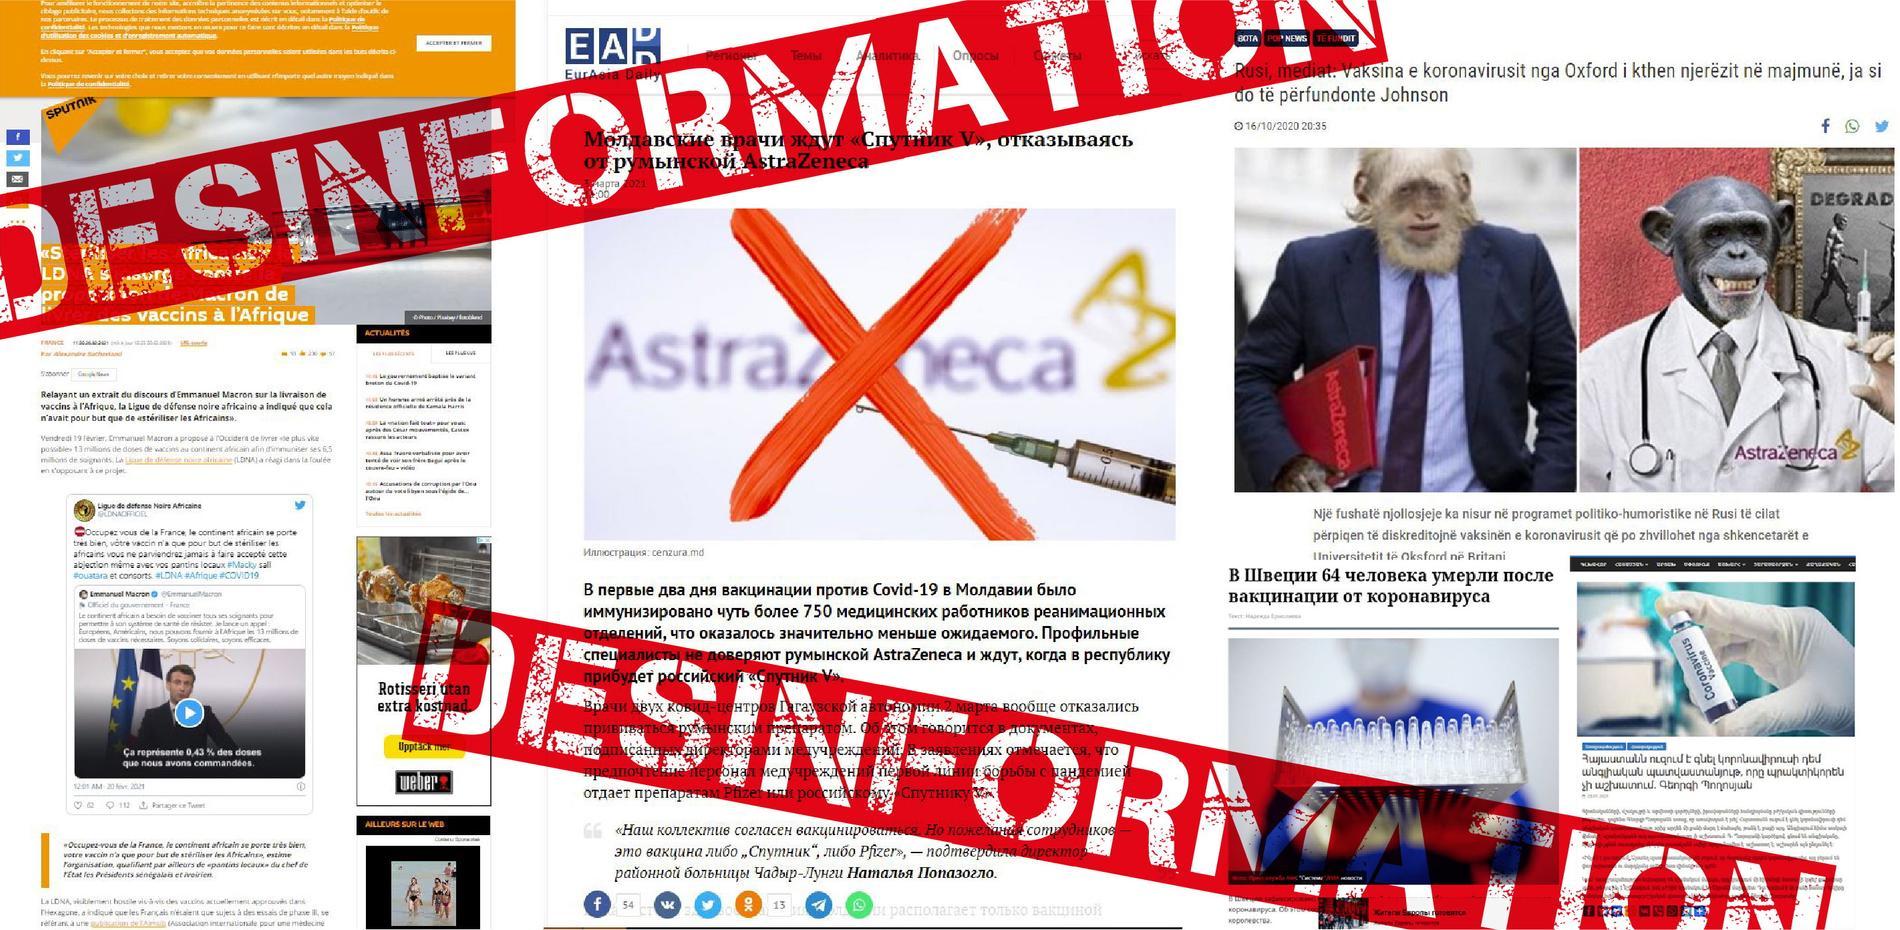 Ryssland sprider desinformation för att så tvivel kring Astra Zenecas och andra covid-vaccin utvecklade i väst, enligt experter.